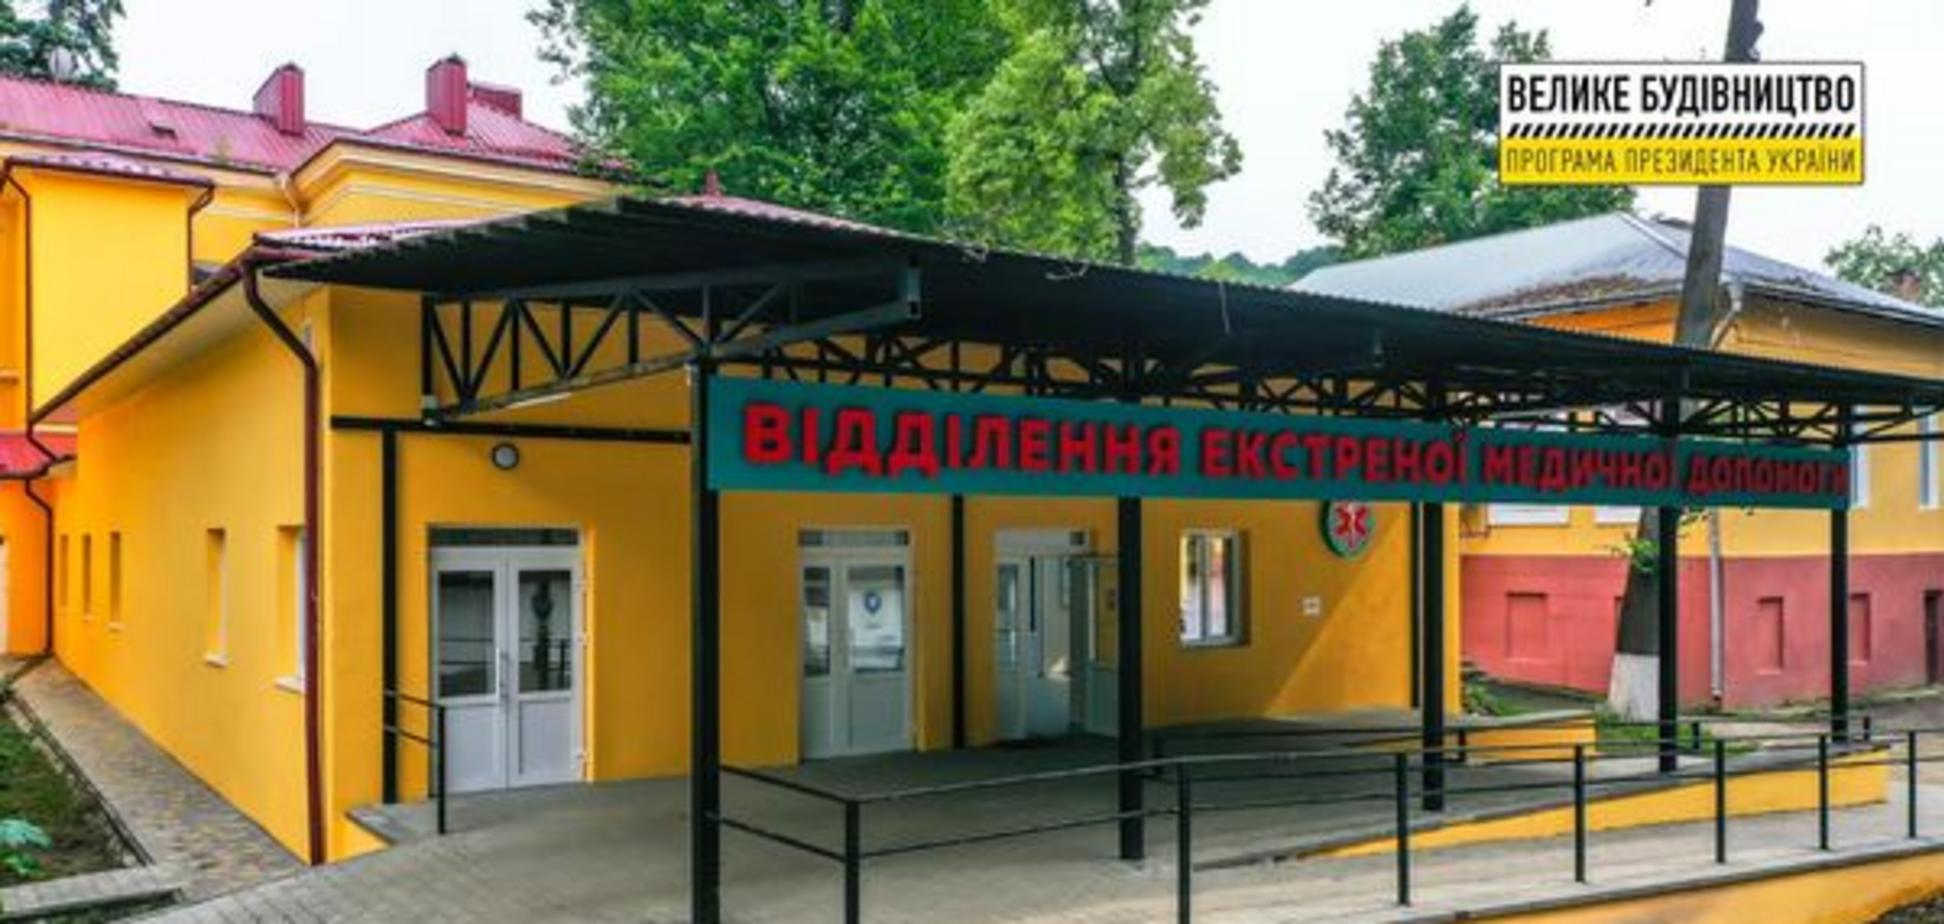 У лікарні Вижниці відкрилося сучасне відділення екстреної медичної допомоги